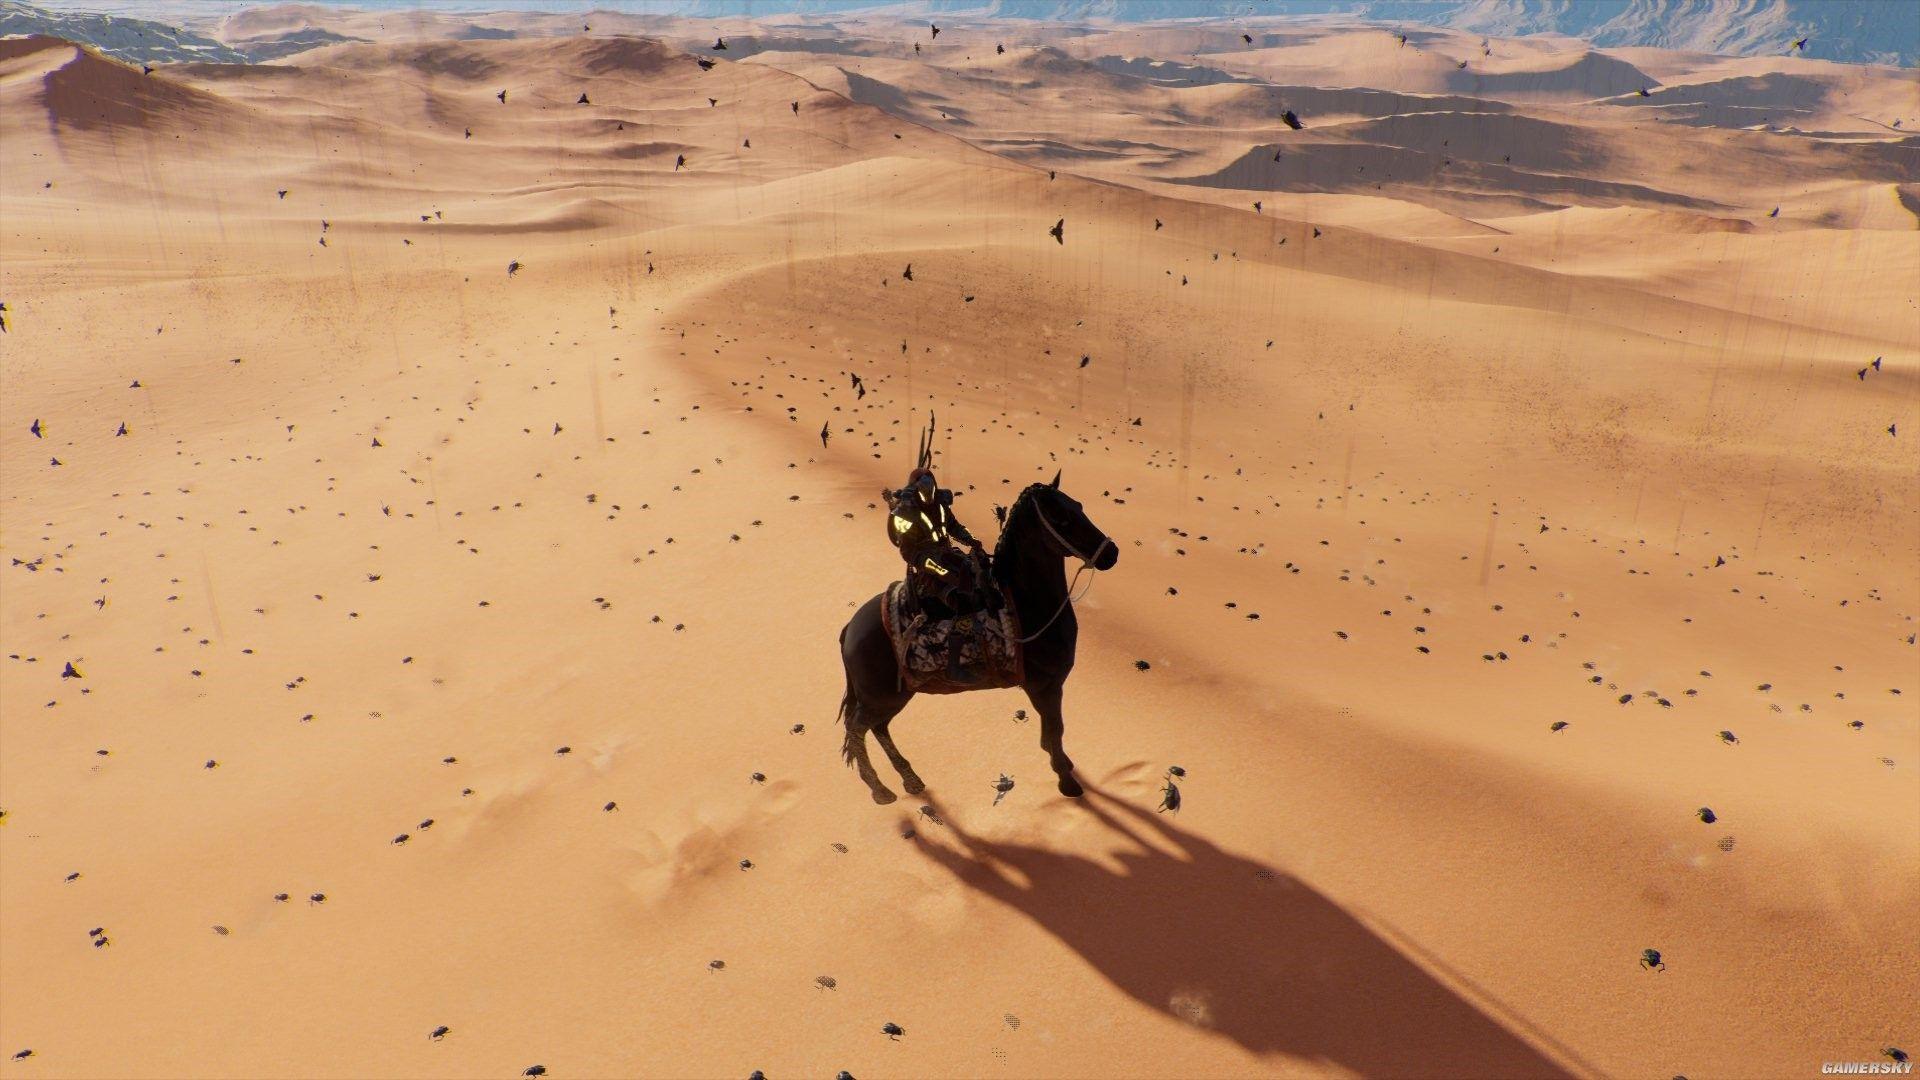 """《刺客信条:起源》里,在酷热单调的沙漠中跋涉会导致巴耶克产生各种幻觉,比如图中的""""虫雨"""""""